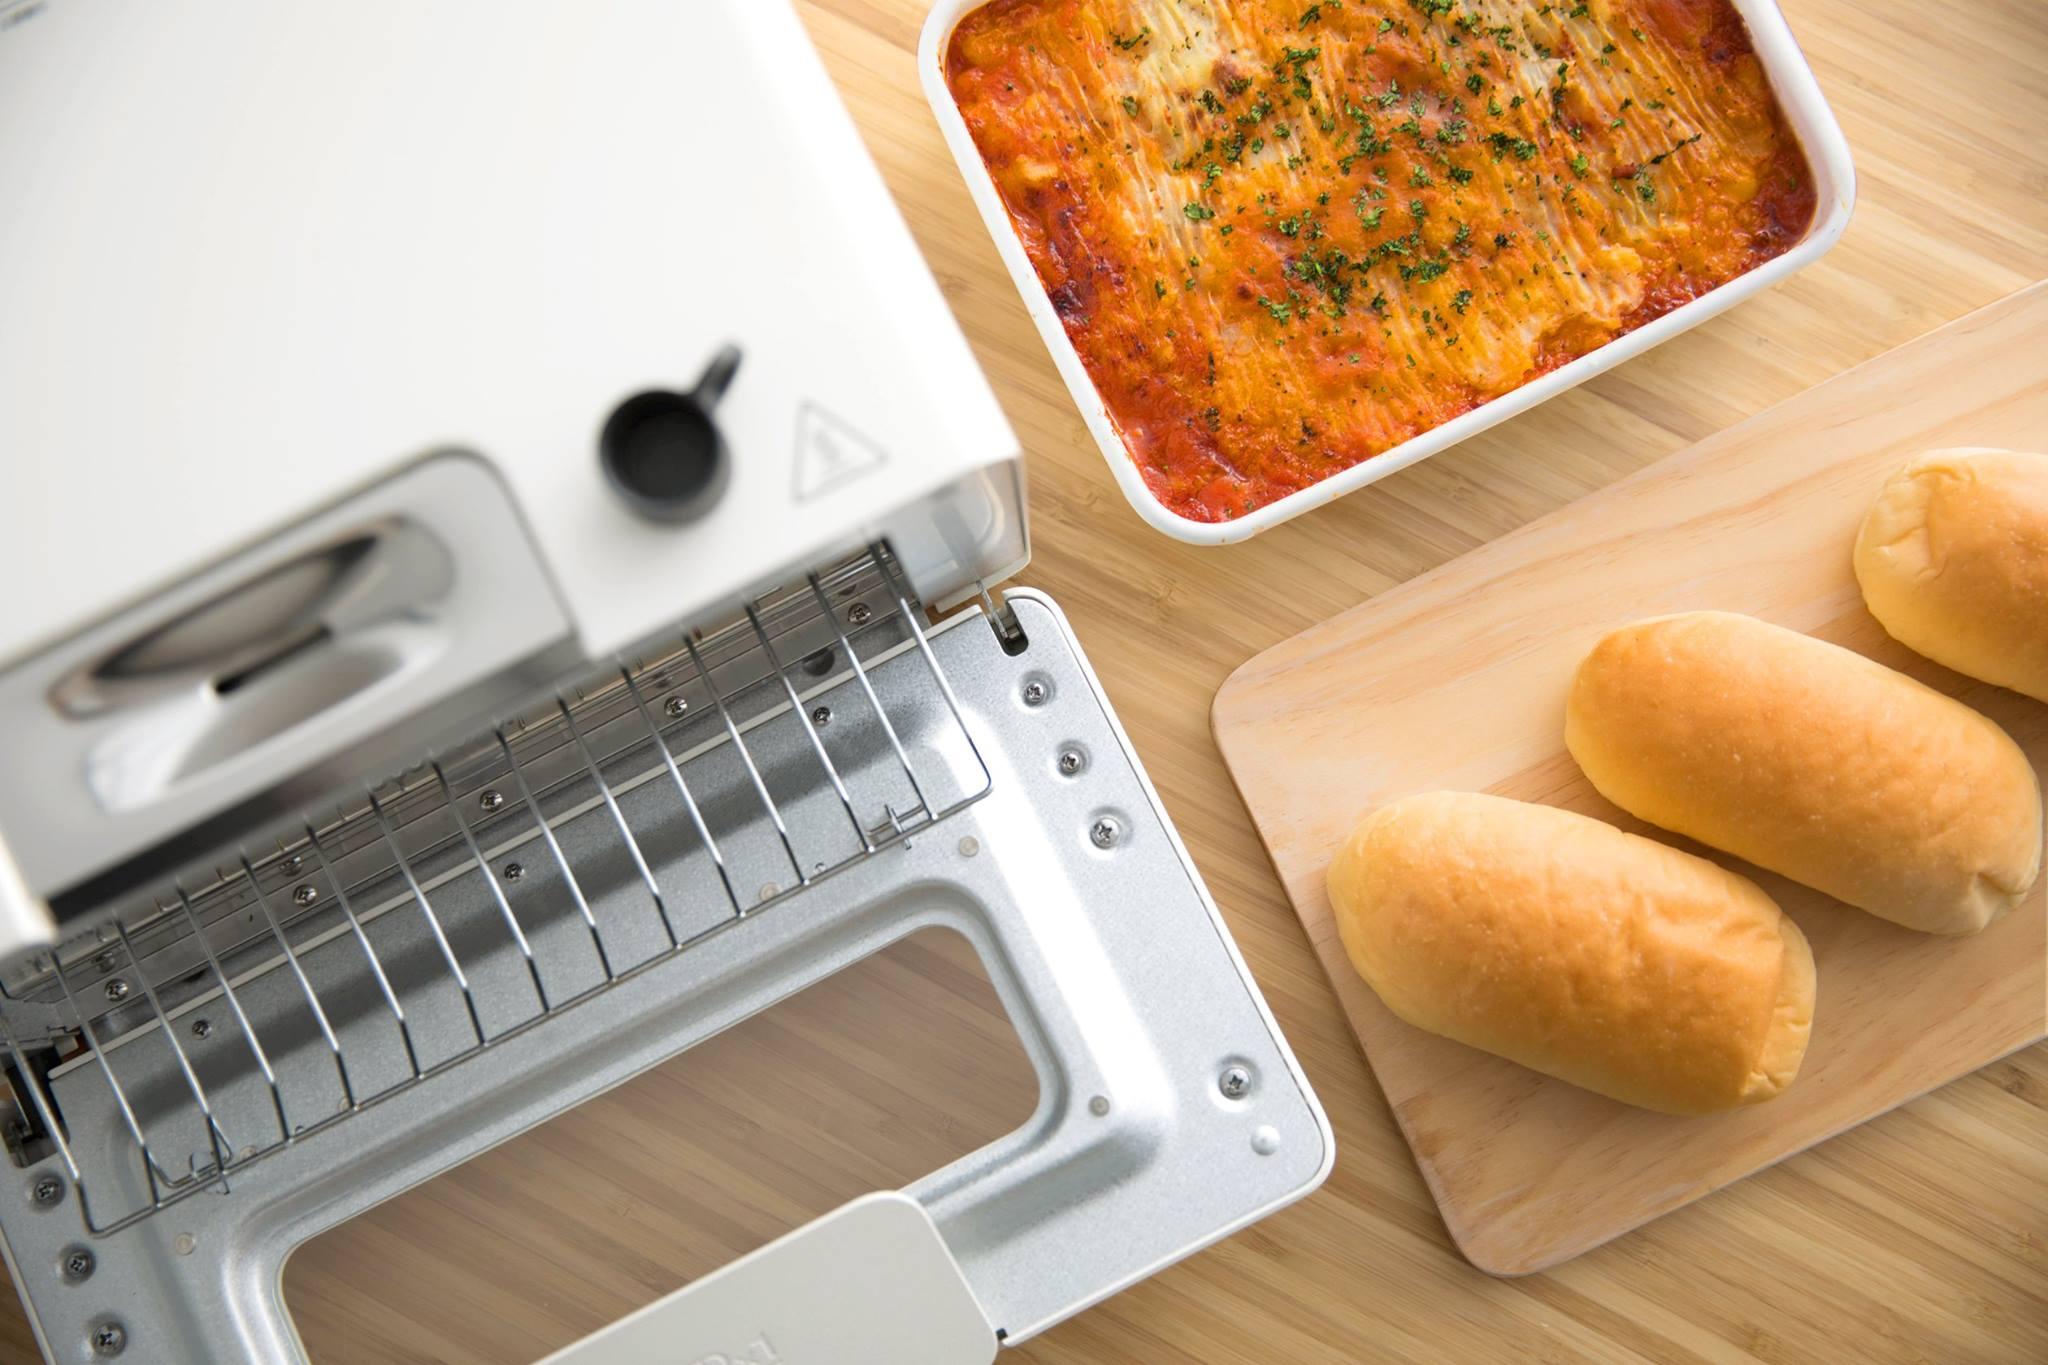 【日本BALMUDA】The Toaster 蒸氣烤麵包機K01J 原廠公司貨【滿3000送10%點數】 7